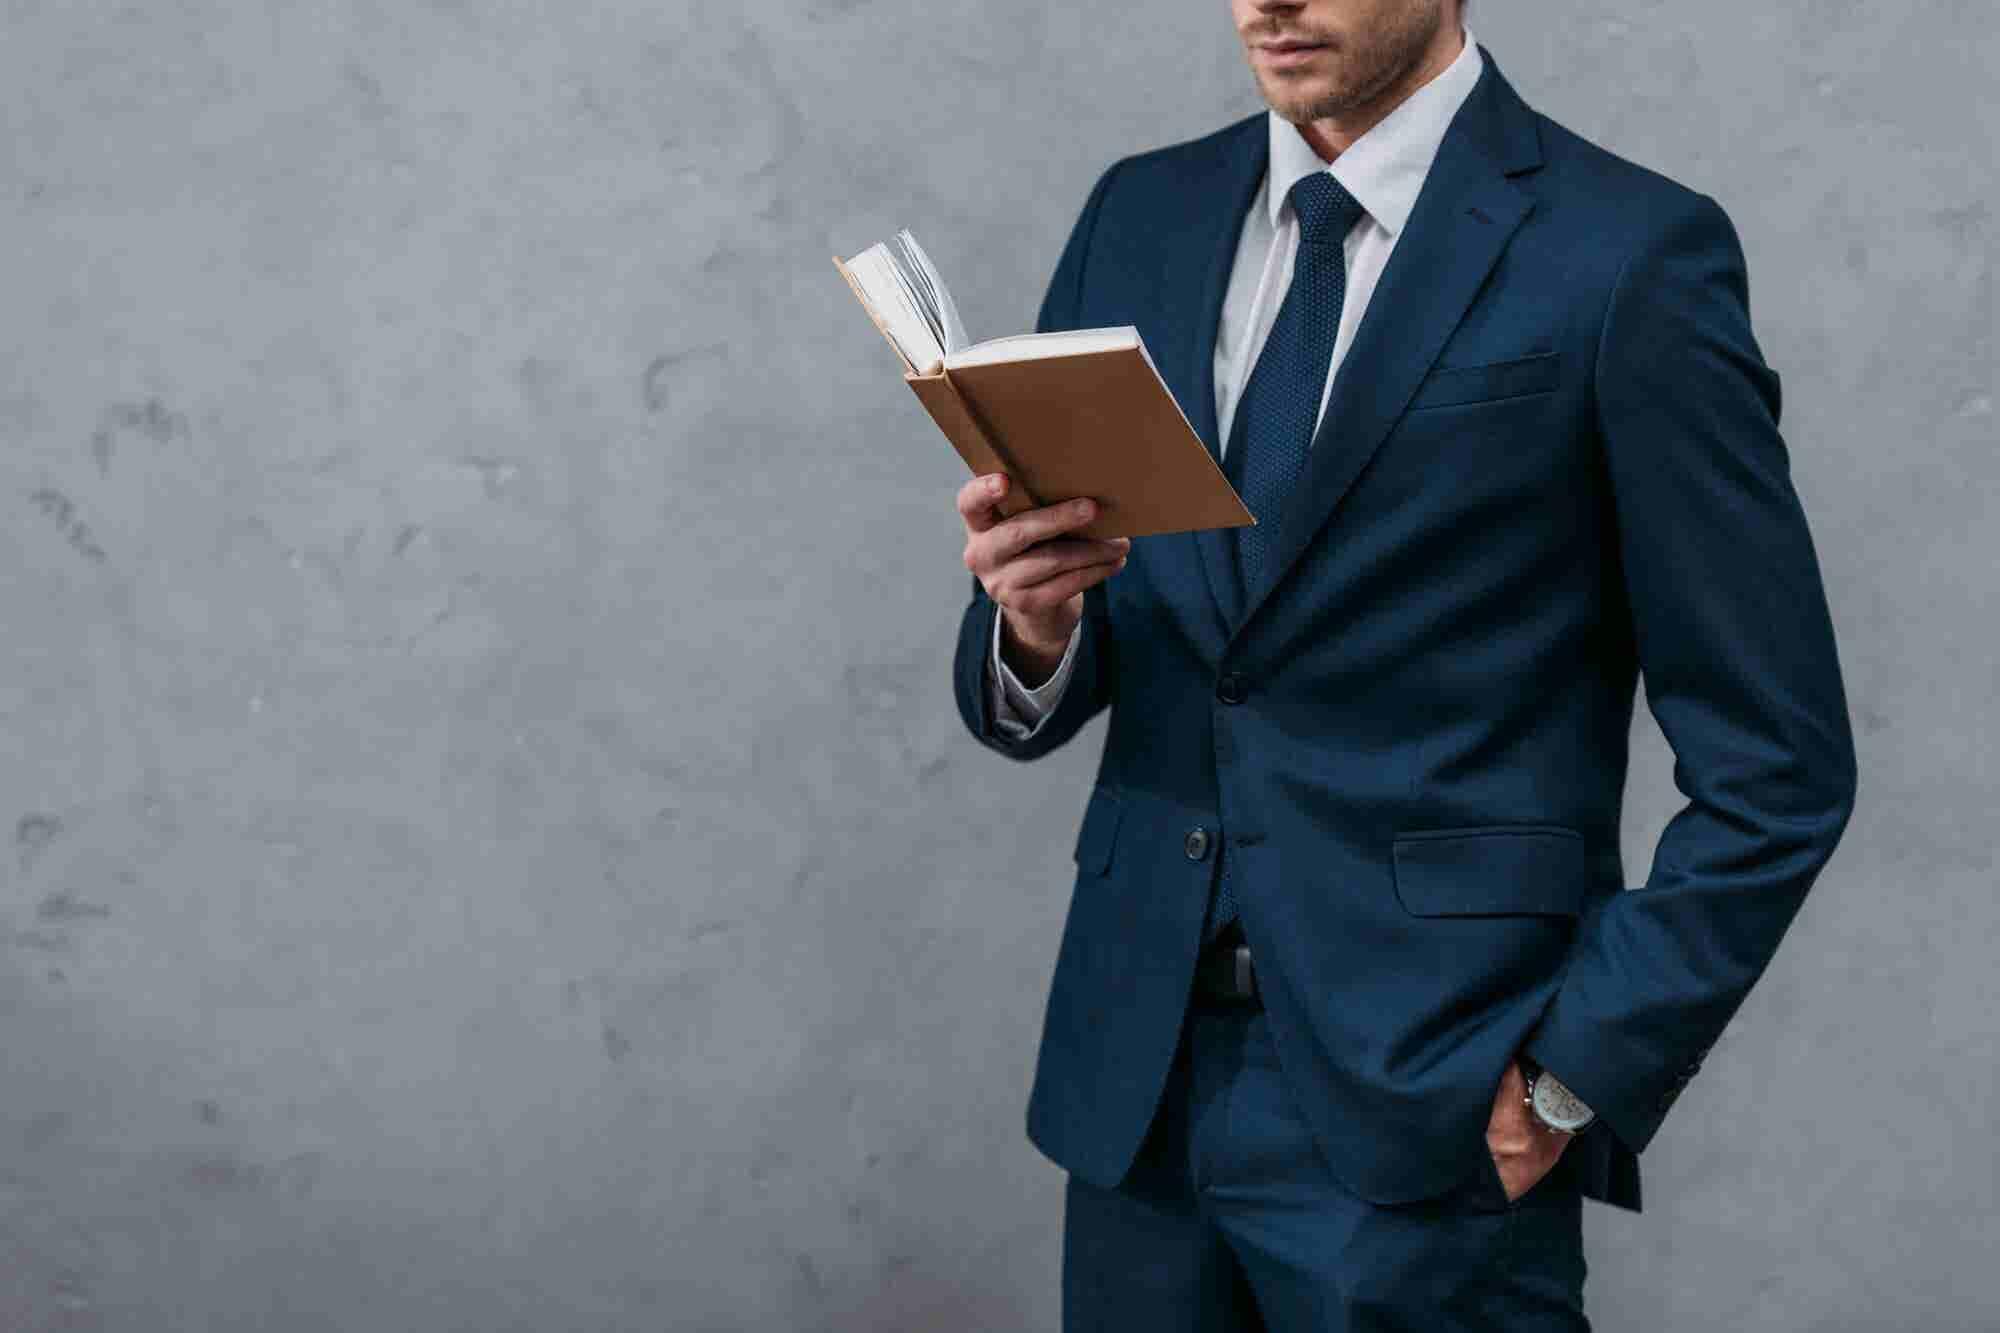 Los 20 libros más leídos de 2018 por empresarios exitosos de Estados U...